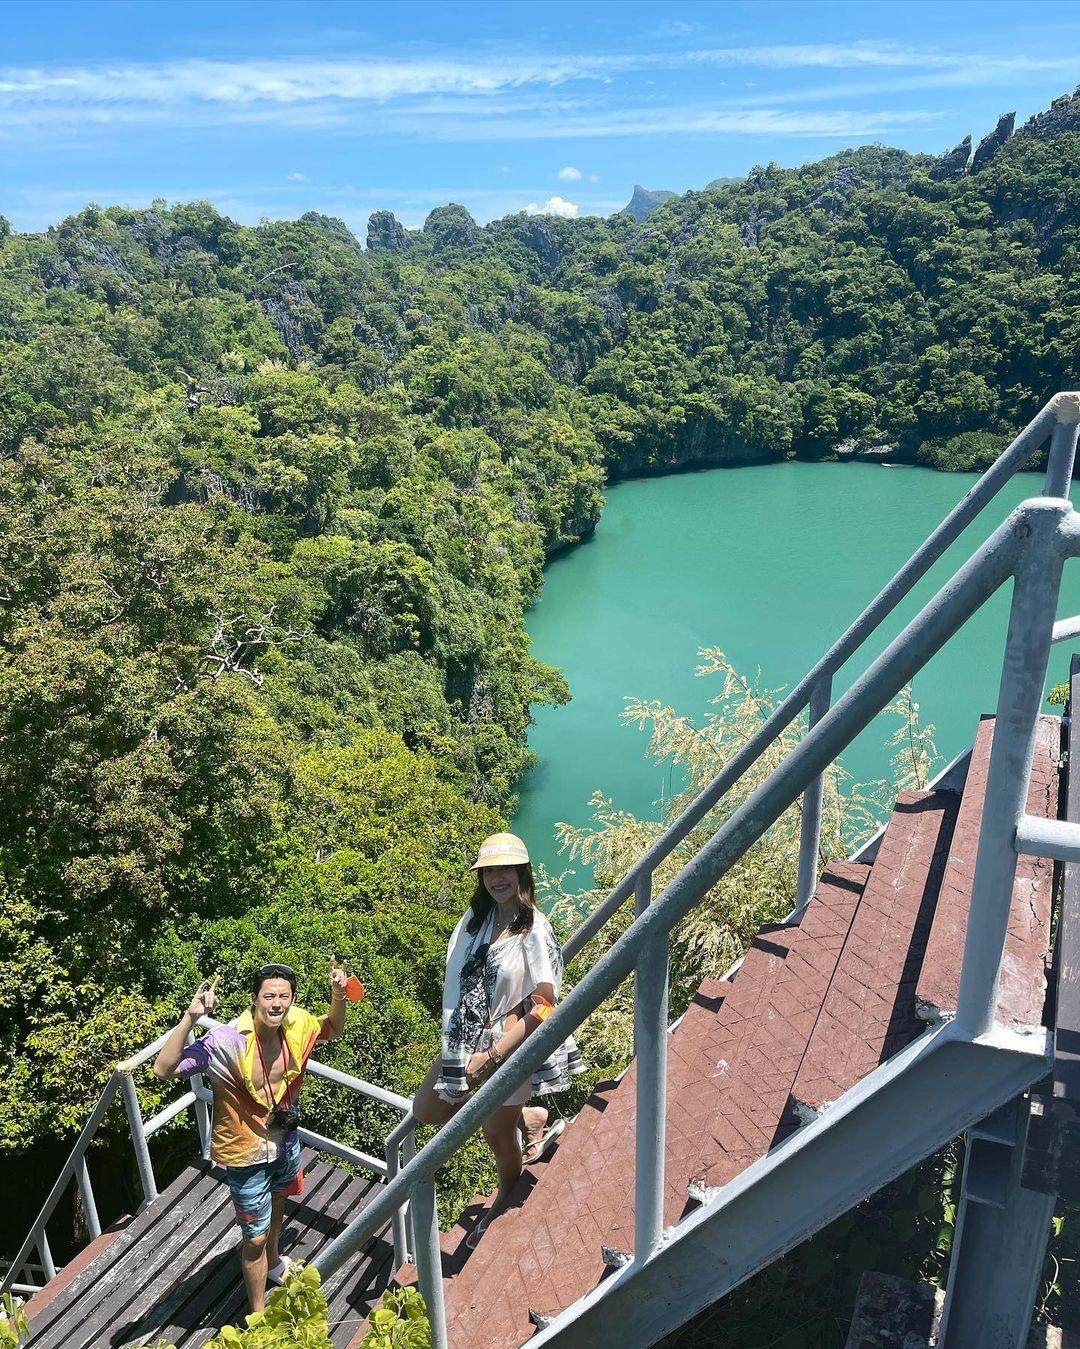 Trong tiếng Thái, Ang Thong nghĩa là chiếc bát vàng, ý chỉ sự hệ sinh thái dưới nước đa dạng của quần đảo. Mark và Kim dừng chân ở đảo Koh Mae (thuộc Ang Thong), còn được gọi là mẹ của các hòn đảo.